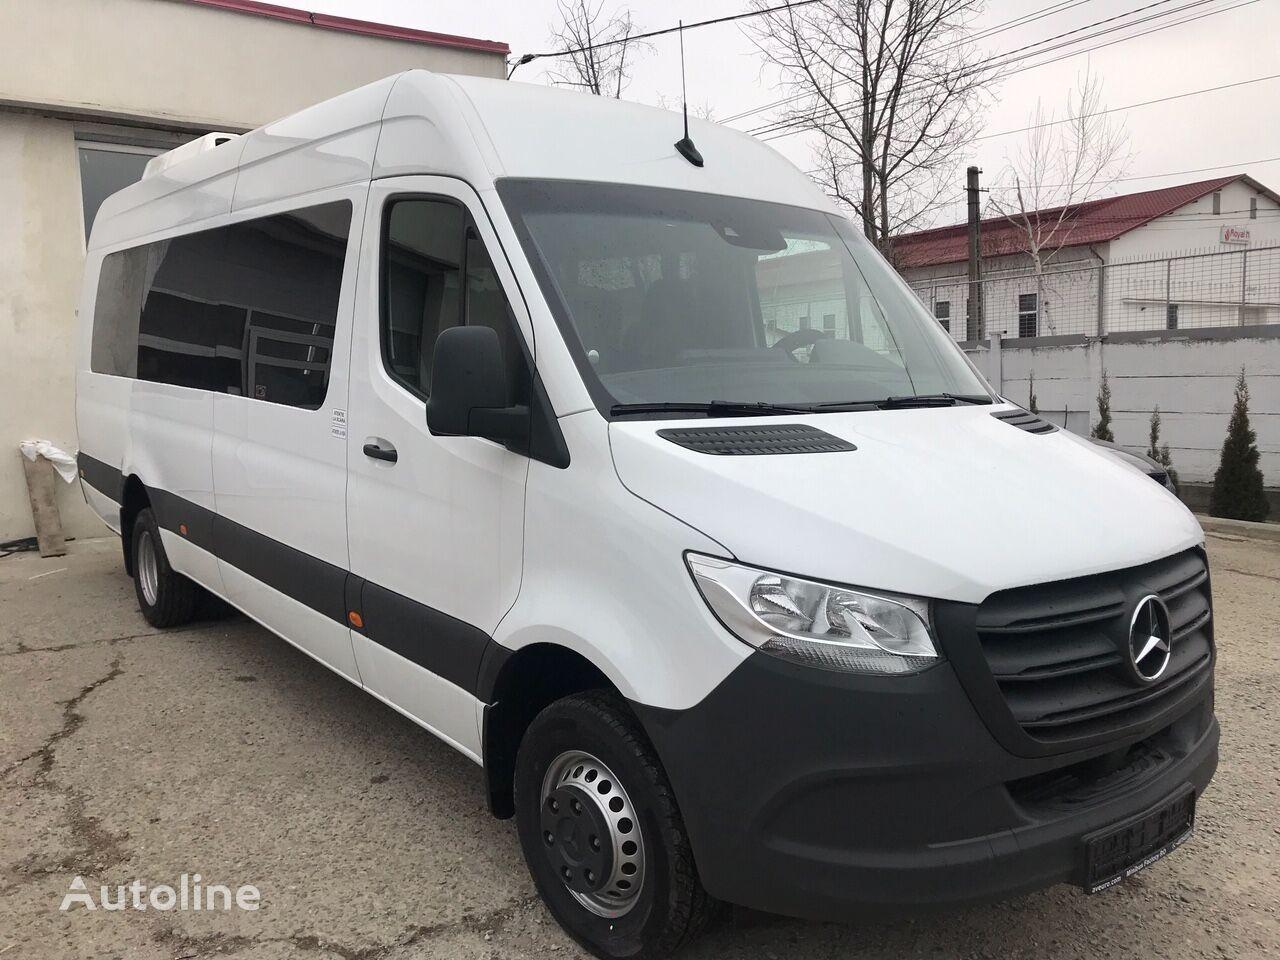 carrinha de passageiros MERCEDES-BENZ Sprinter 516 novo